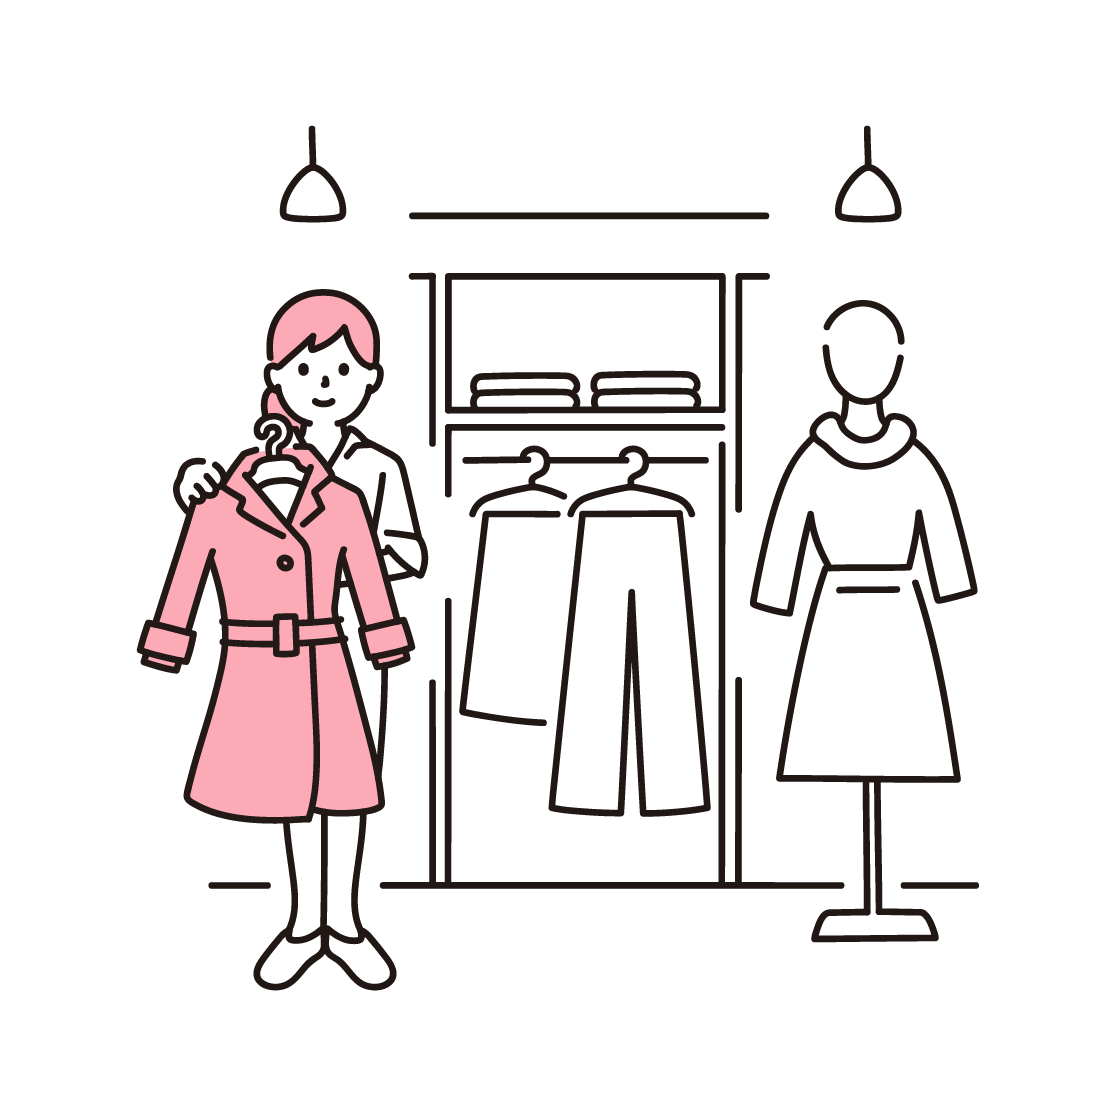 アパレル店舗で接客する女性の単色イラスト